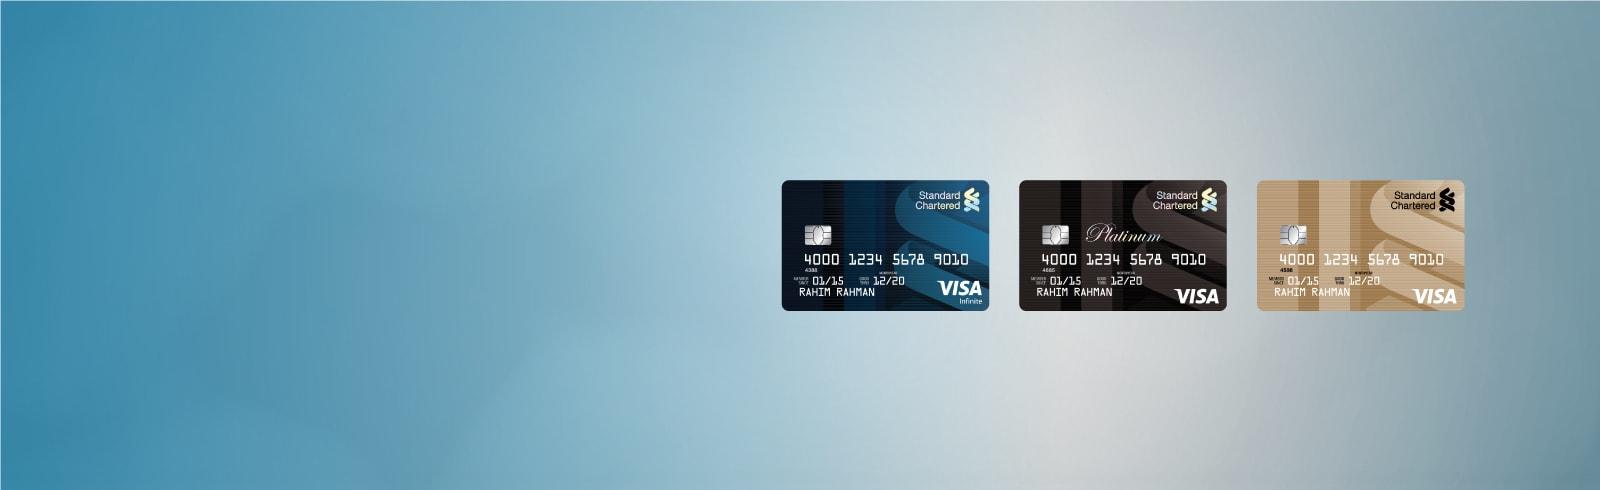 New Visa Credit Card